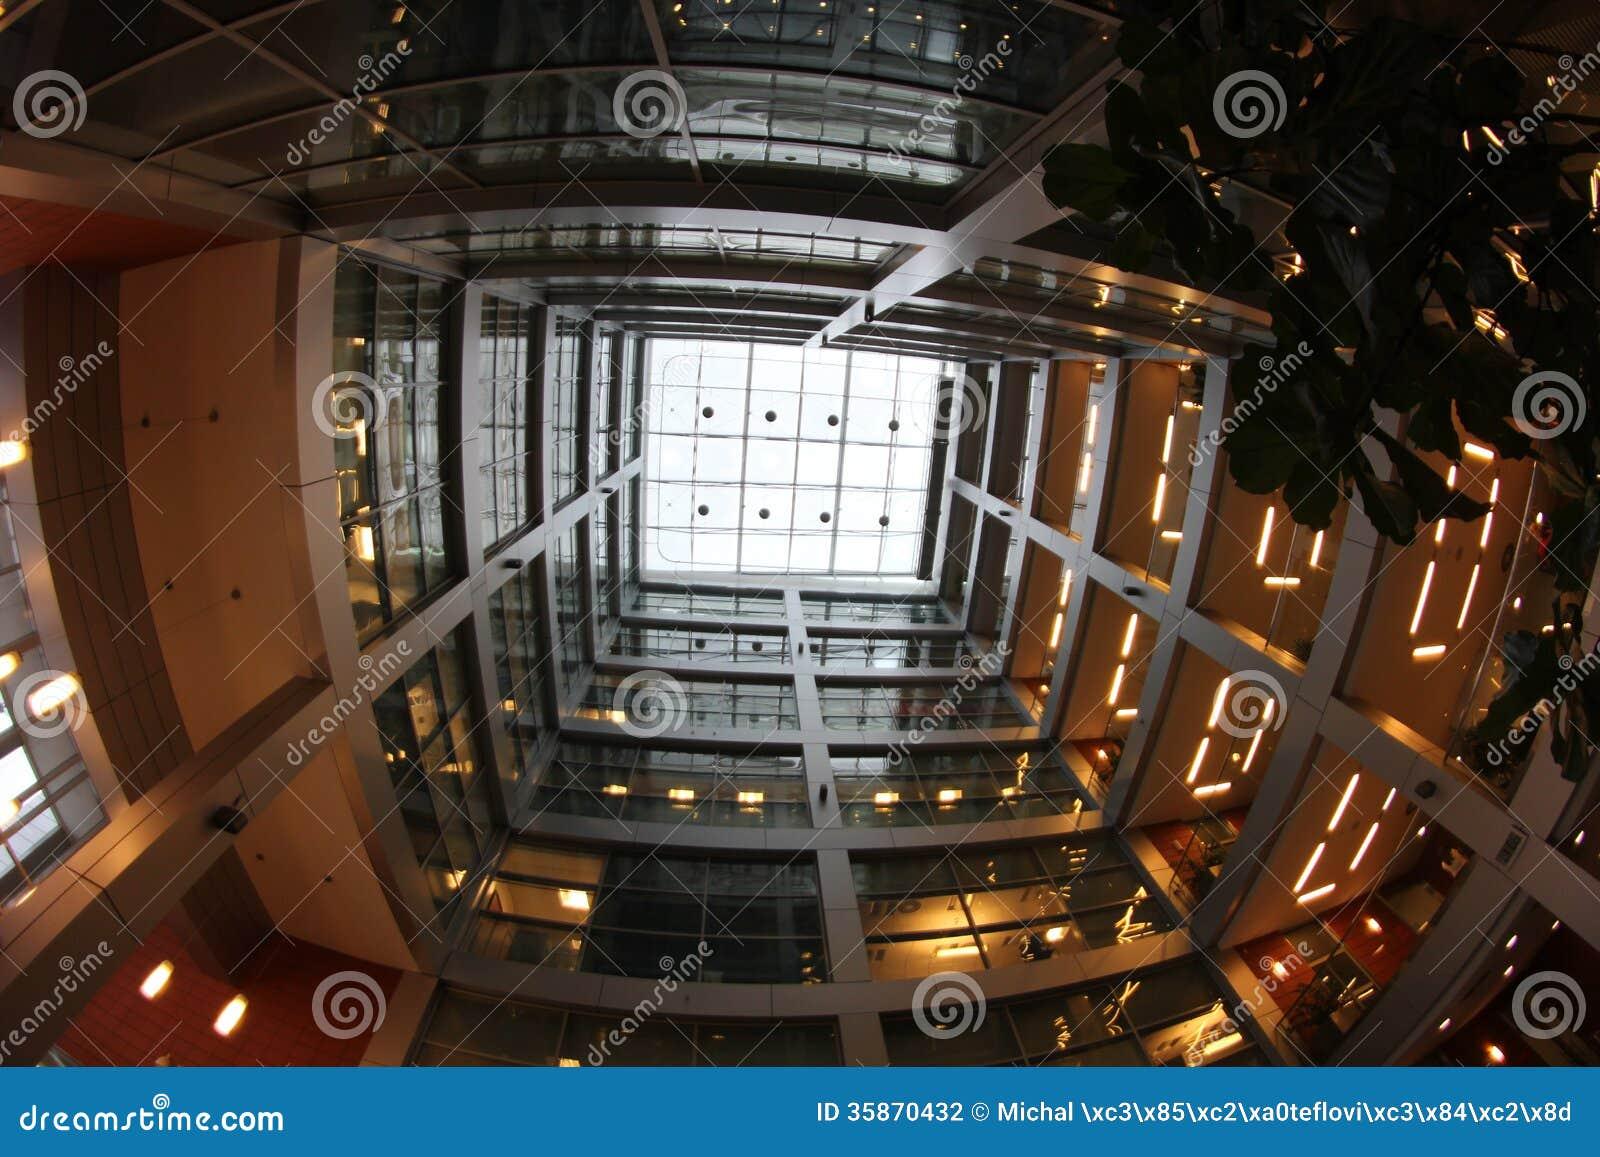 Soffitto Di Vetro Fotografia Stock - Immagine: 35870432